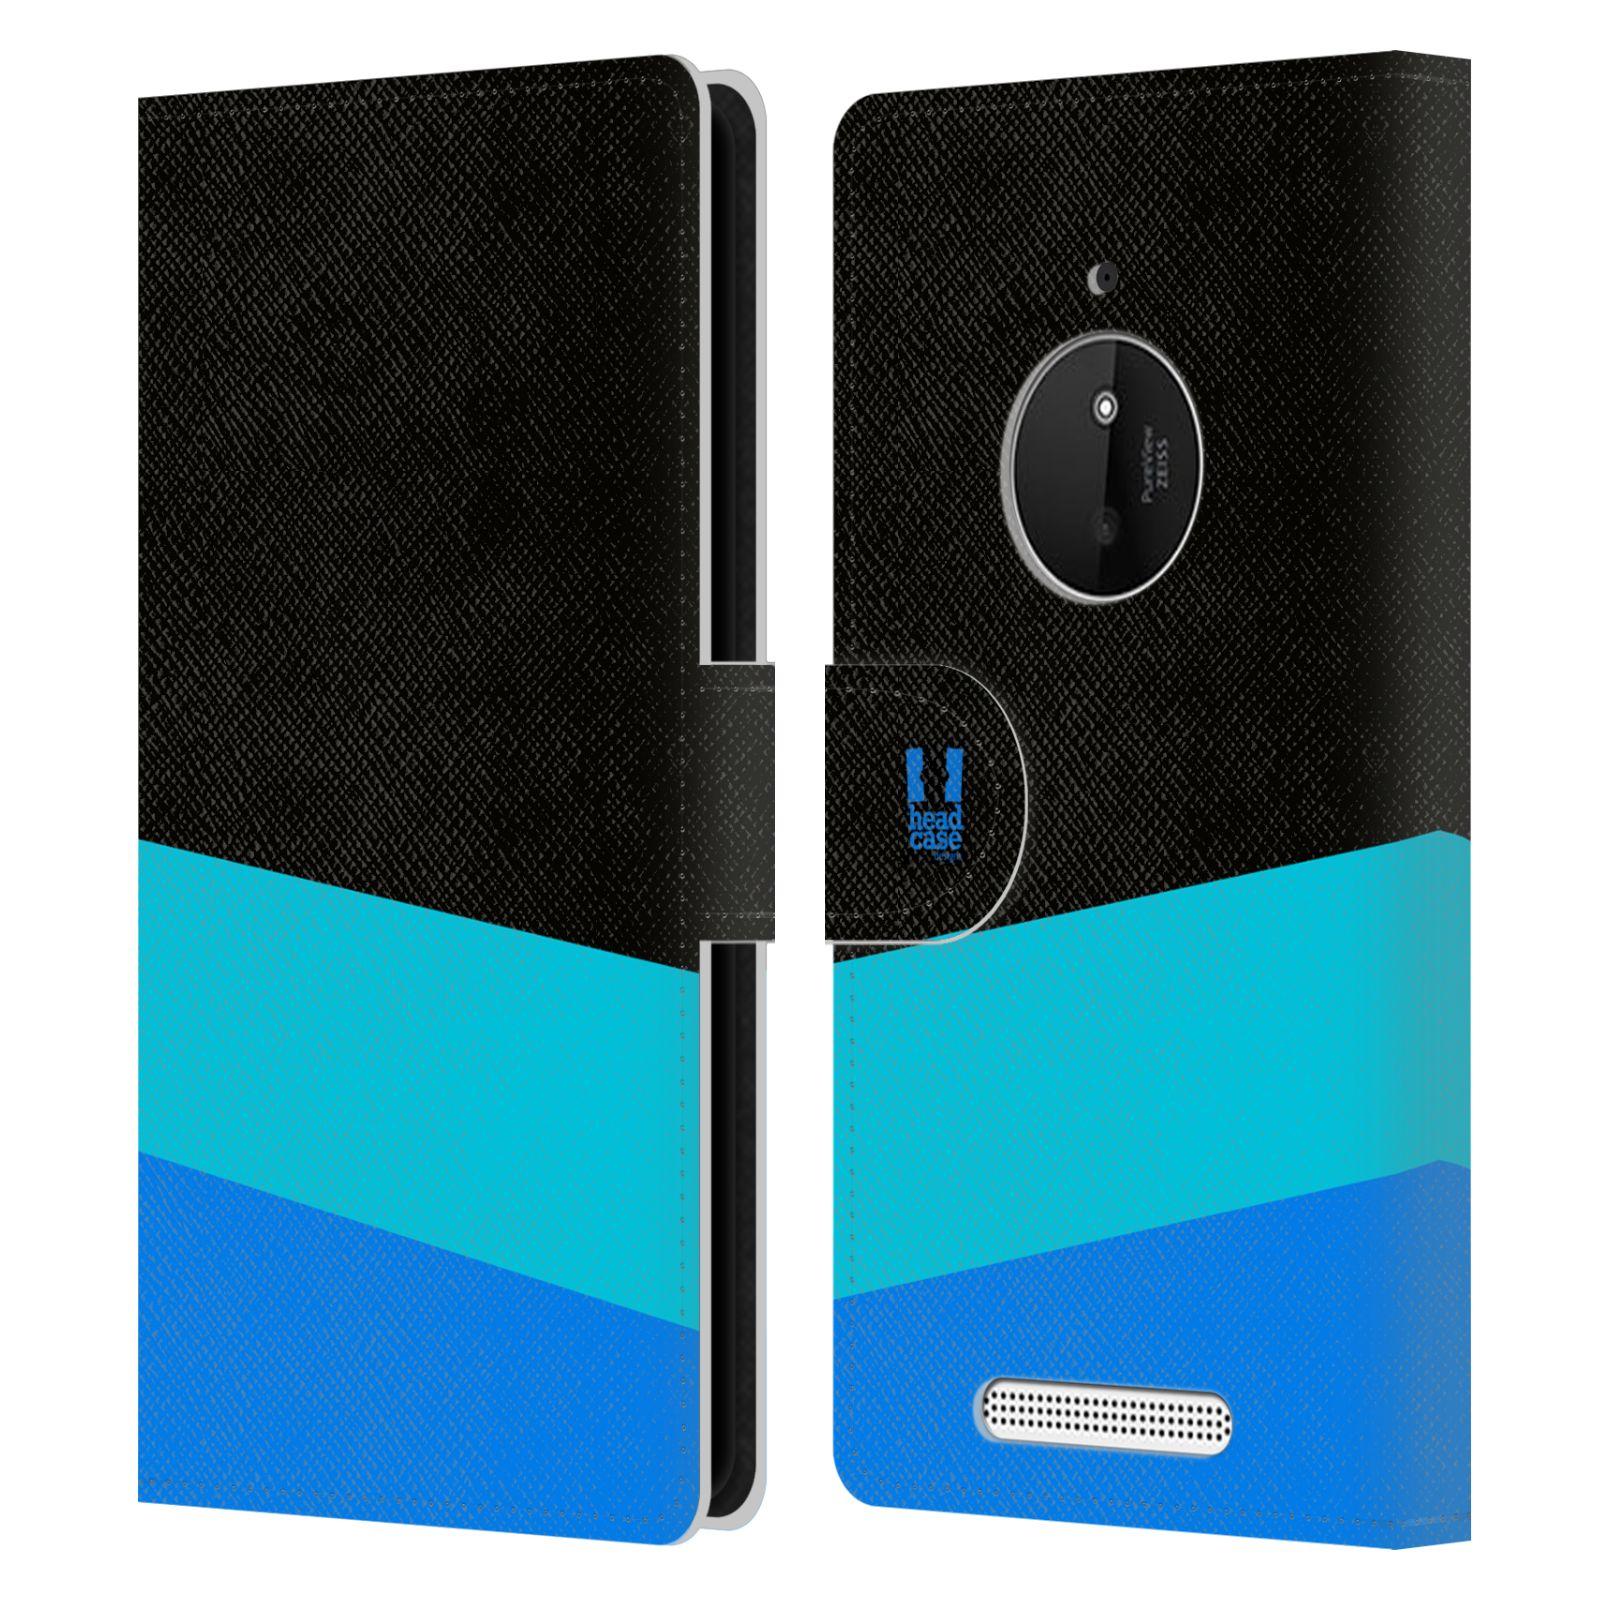 HEAD CASE Flipové pouzdro pro mobil Nokia LUMIA 830 barevné tvary modrá a černá FORMAL